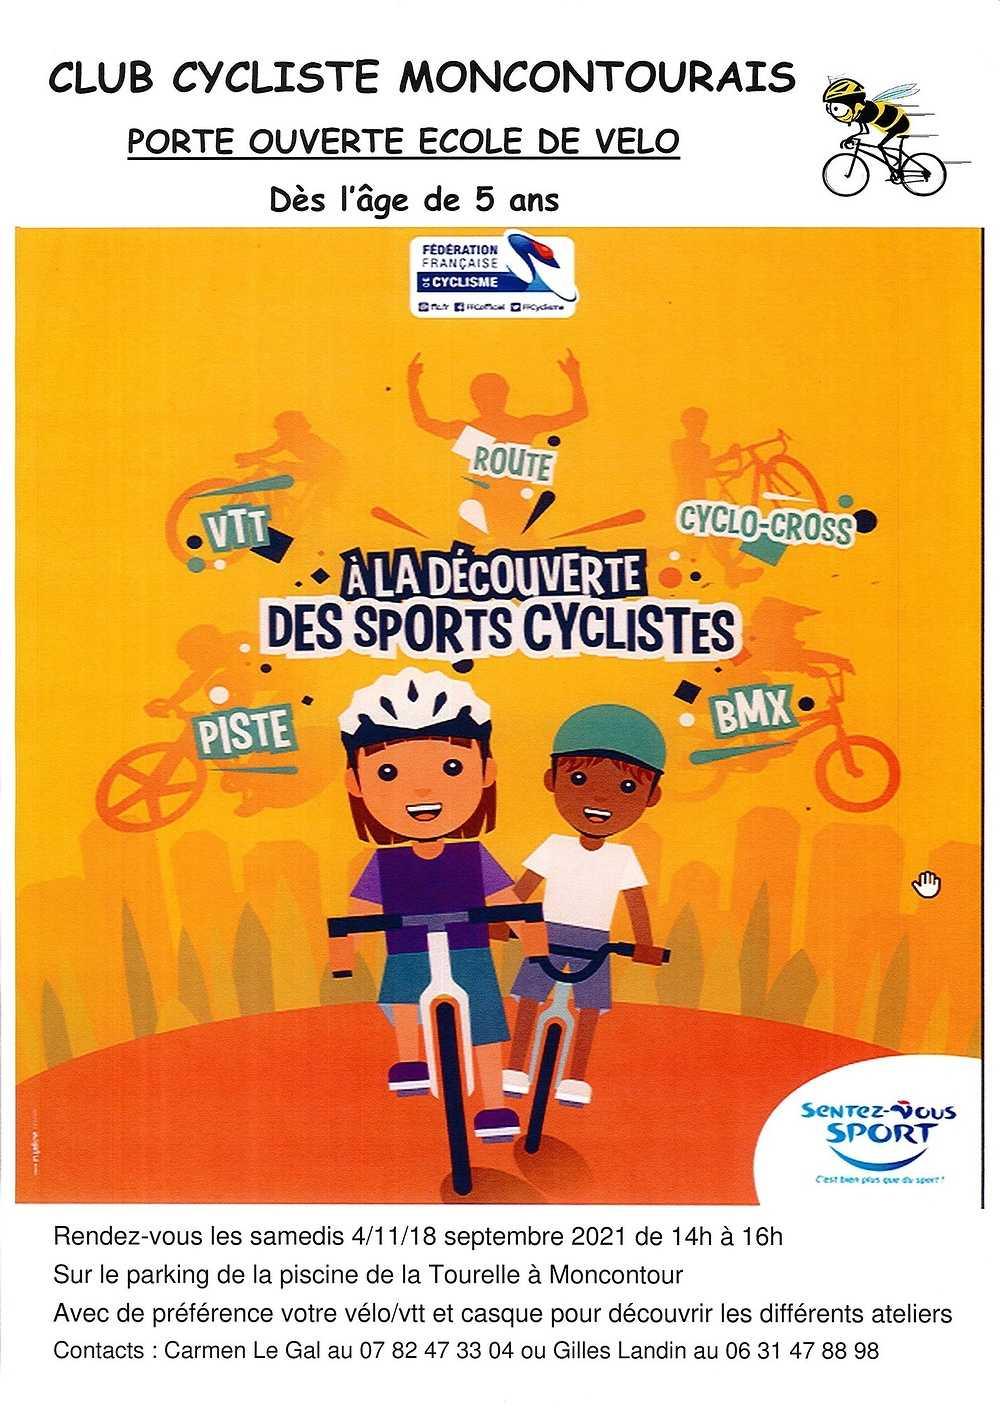 Club cycliste moncontourais 0